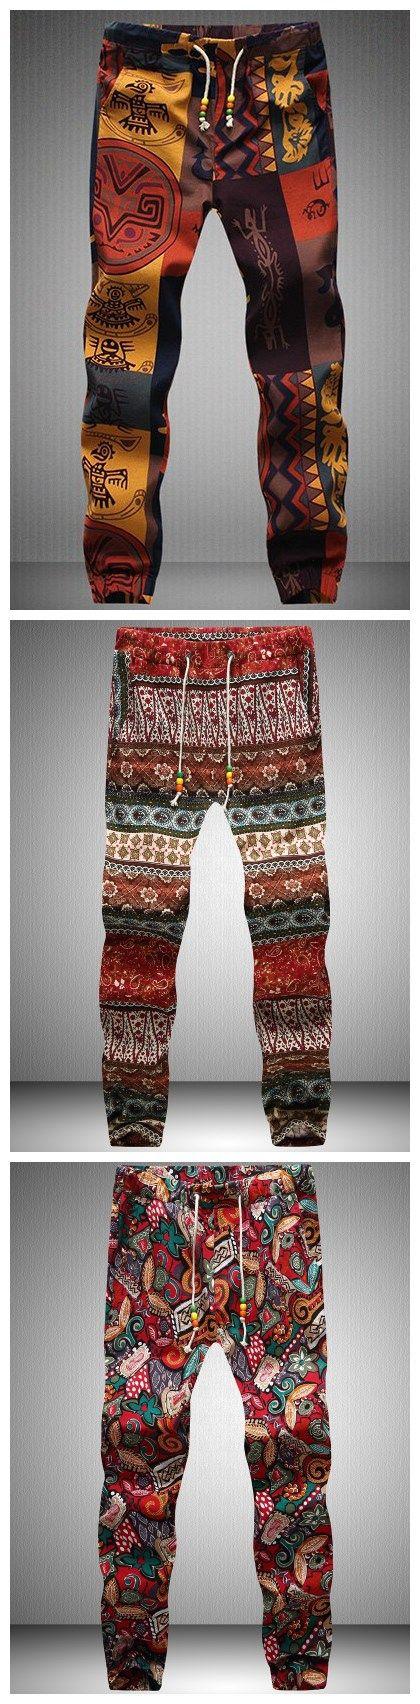 Men Pants,Jogger Pants,Men's Jogger Pants,Ethnic Style,boho fashion